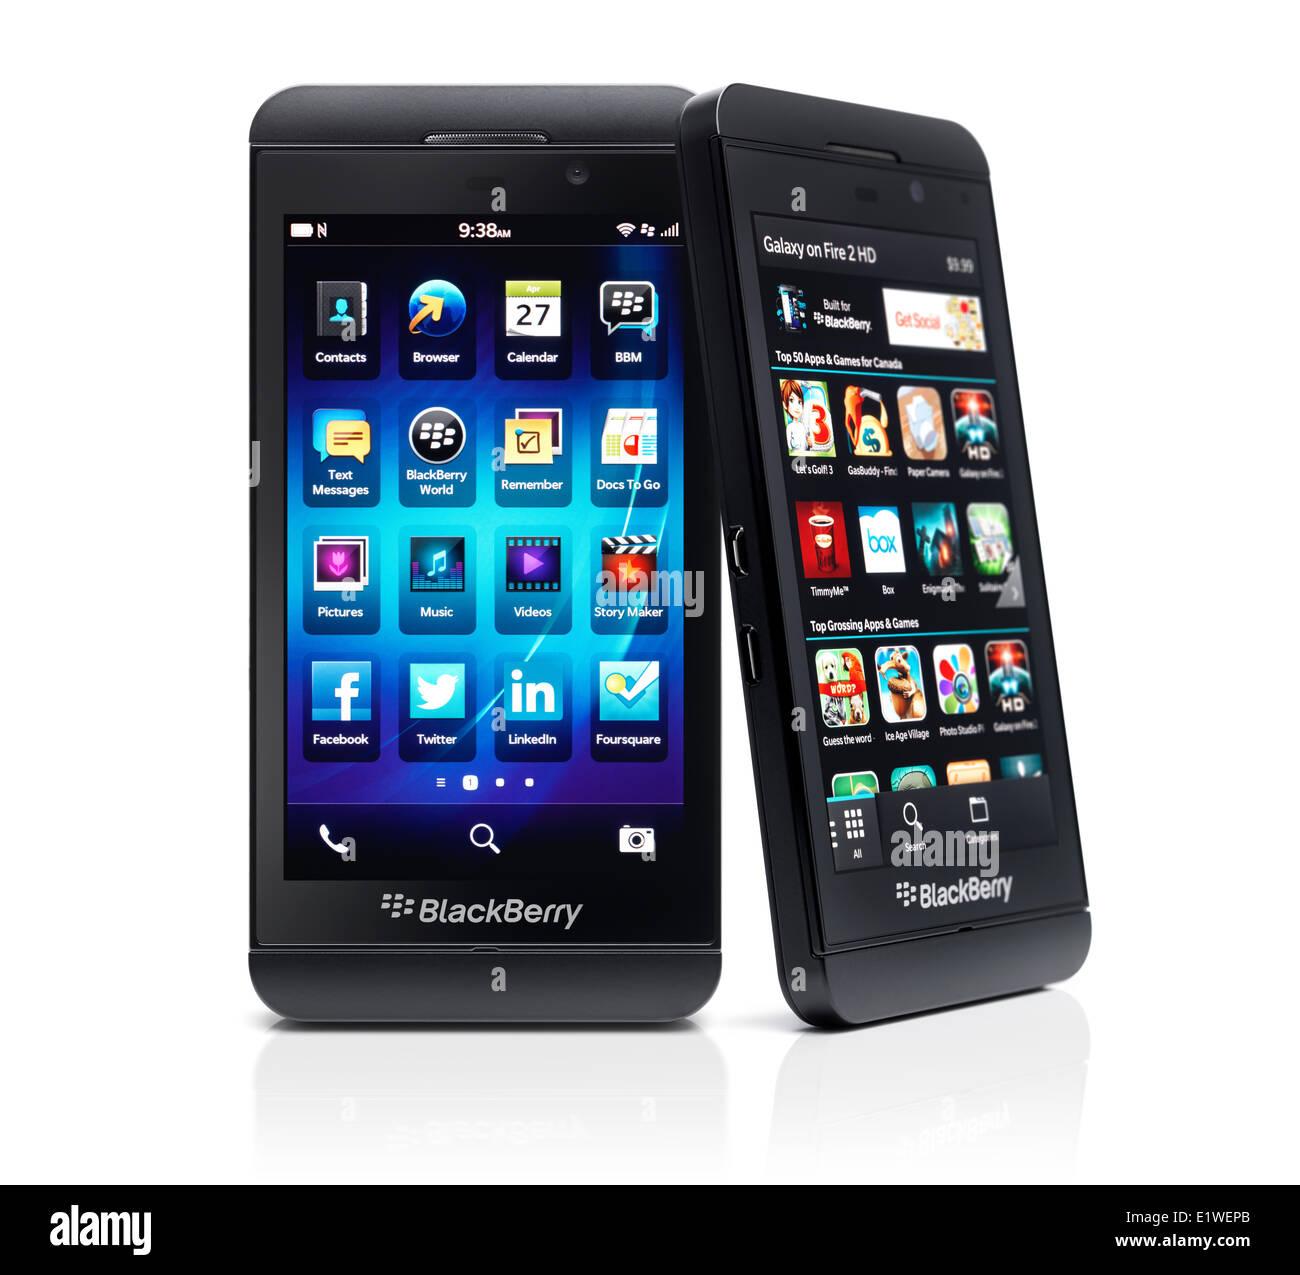 Deux smartphones Blackberry Z10 avec desktop app store sur l'écran. Téléphones noir isolé Photo Stock